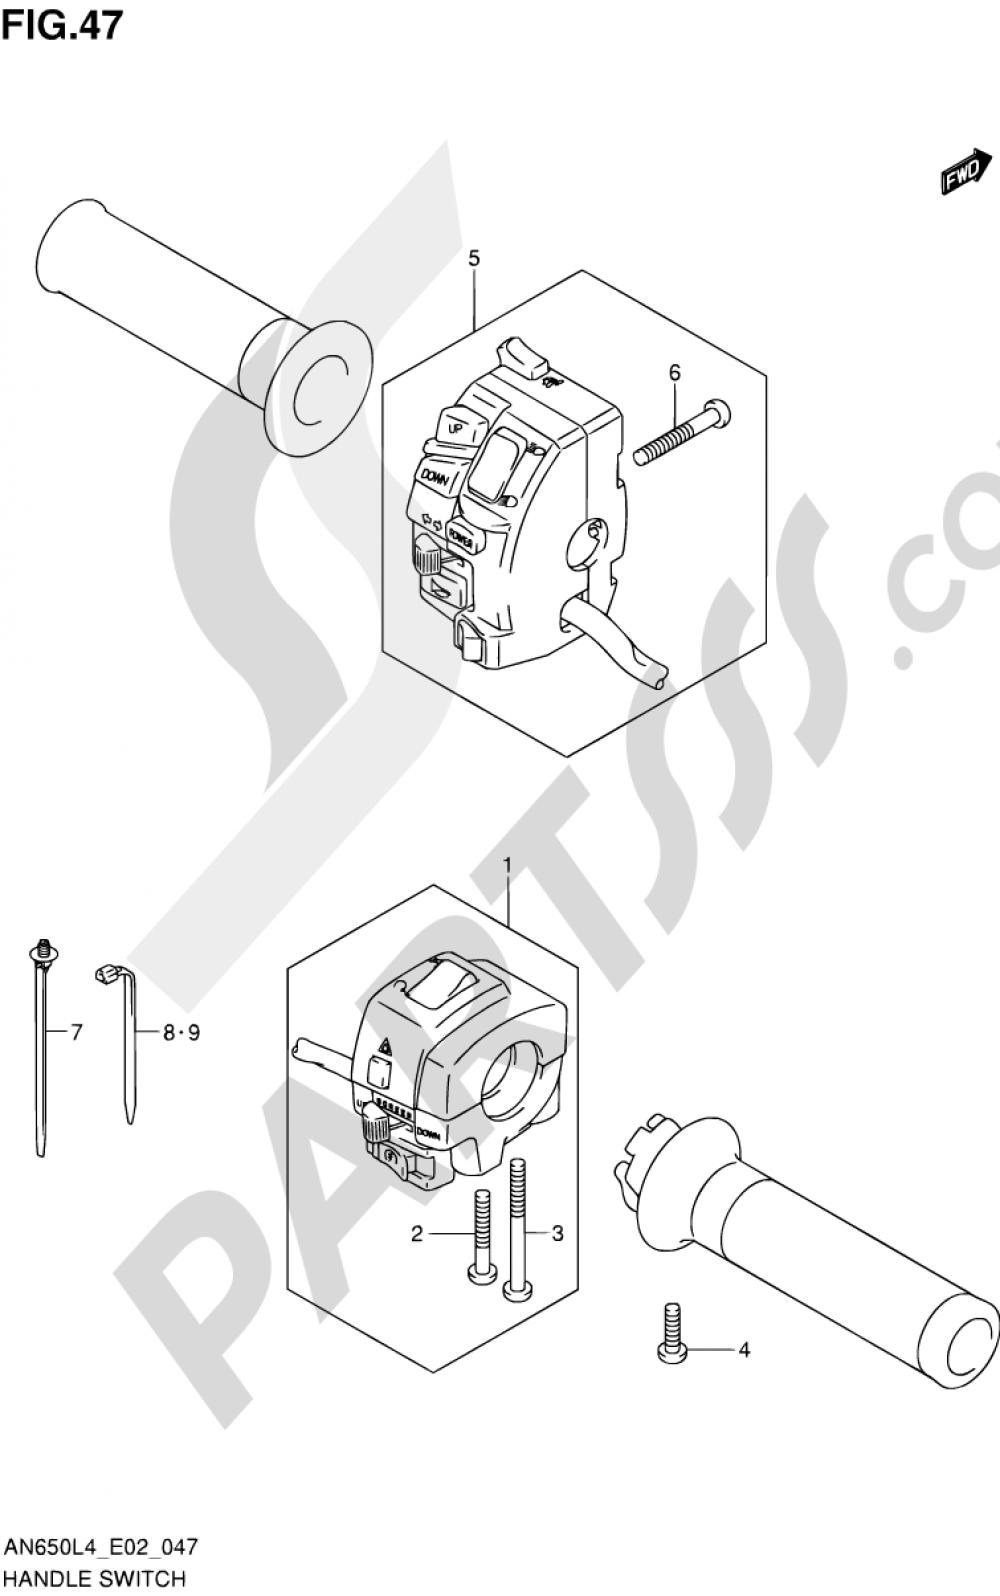 47 - HANDLE SWITCH (AN650L4 E02) Suzuki BURGMAN AN650 2014